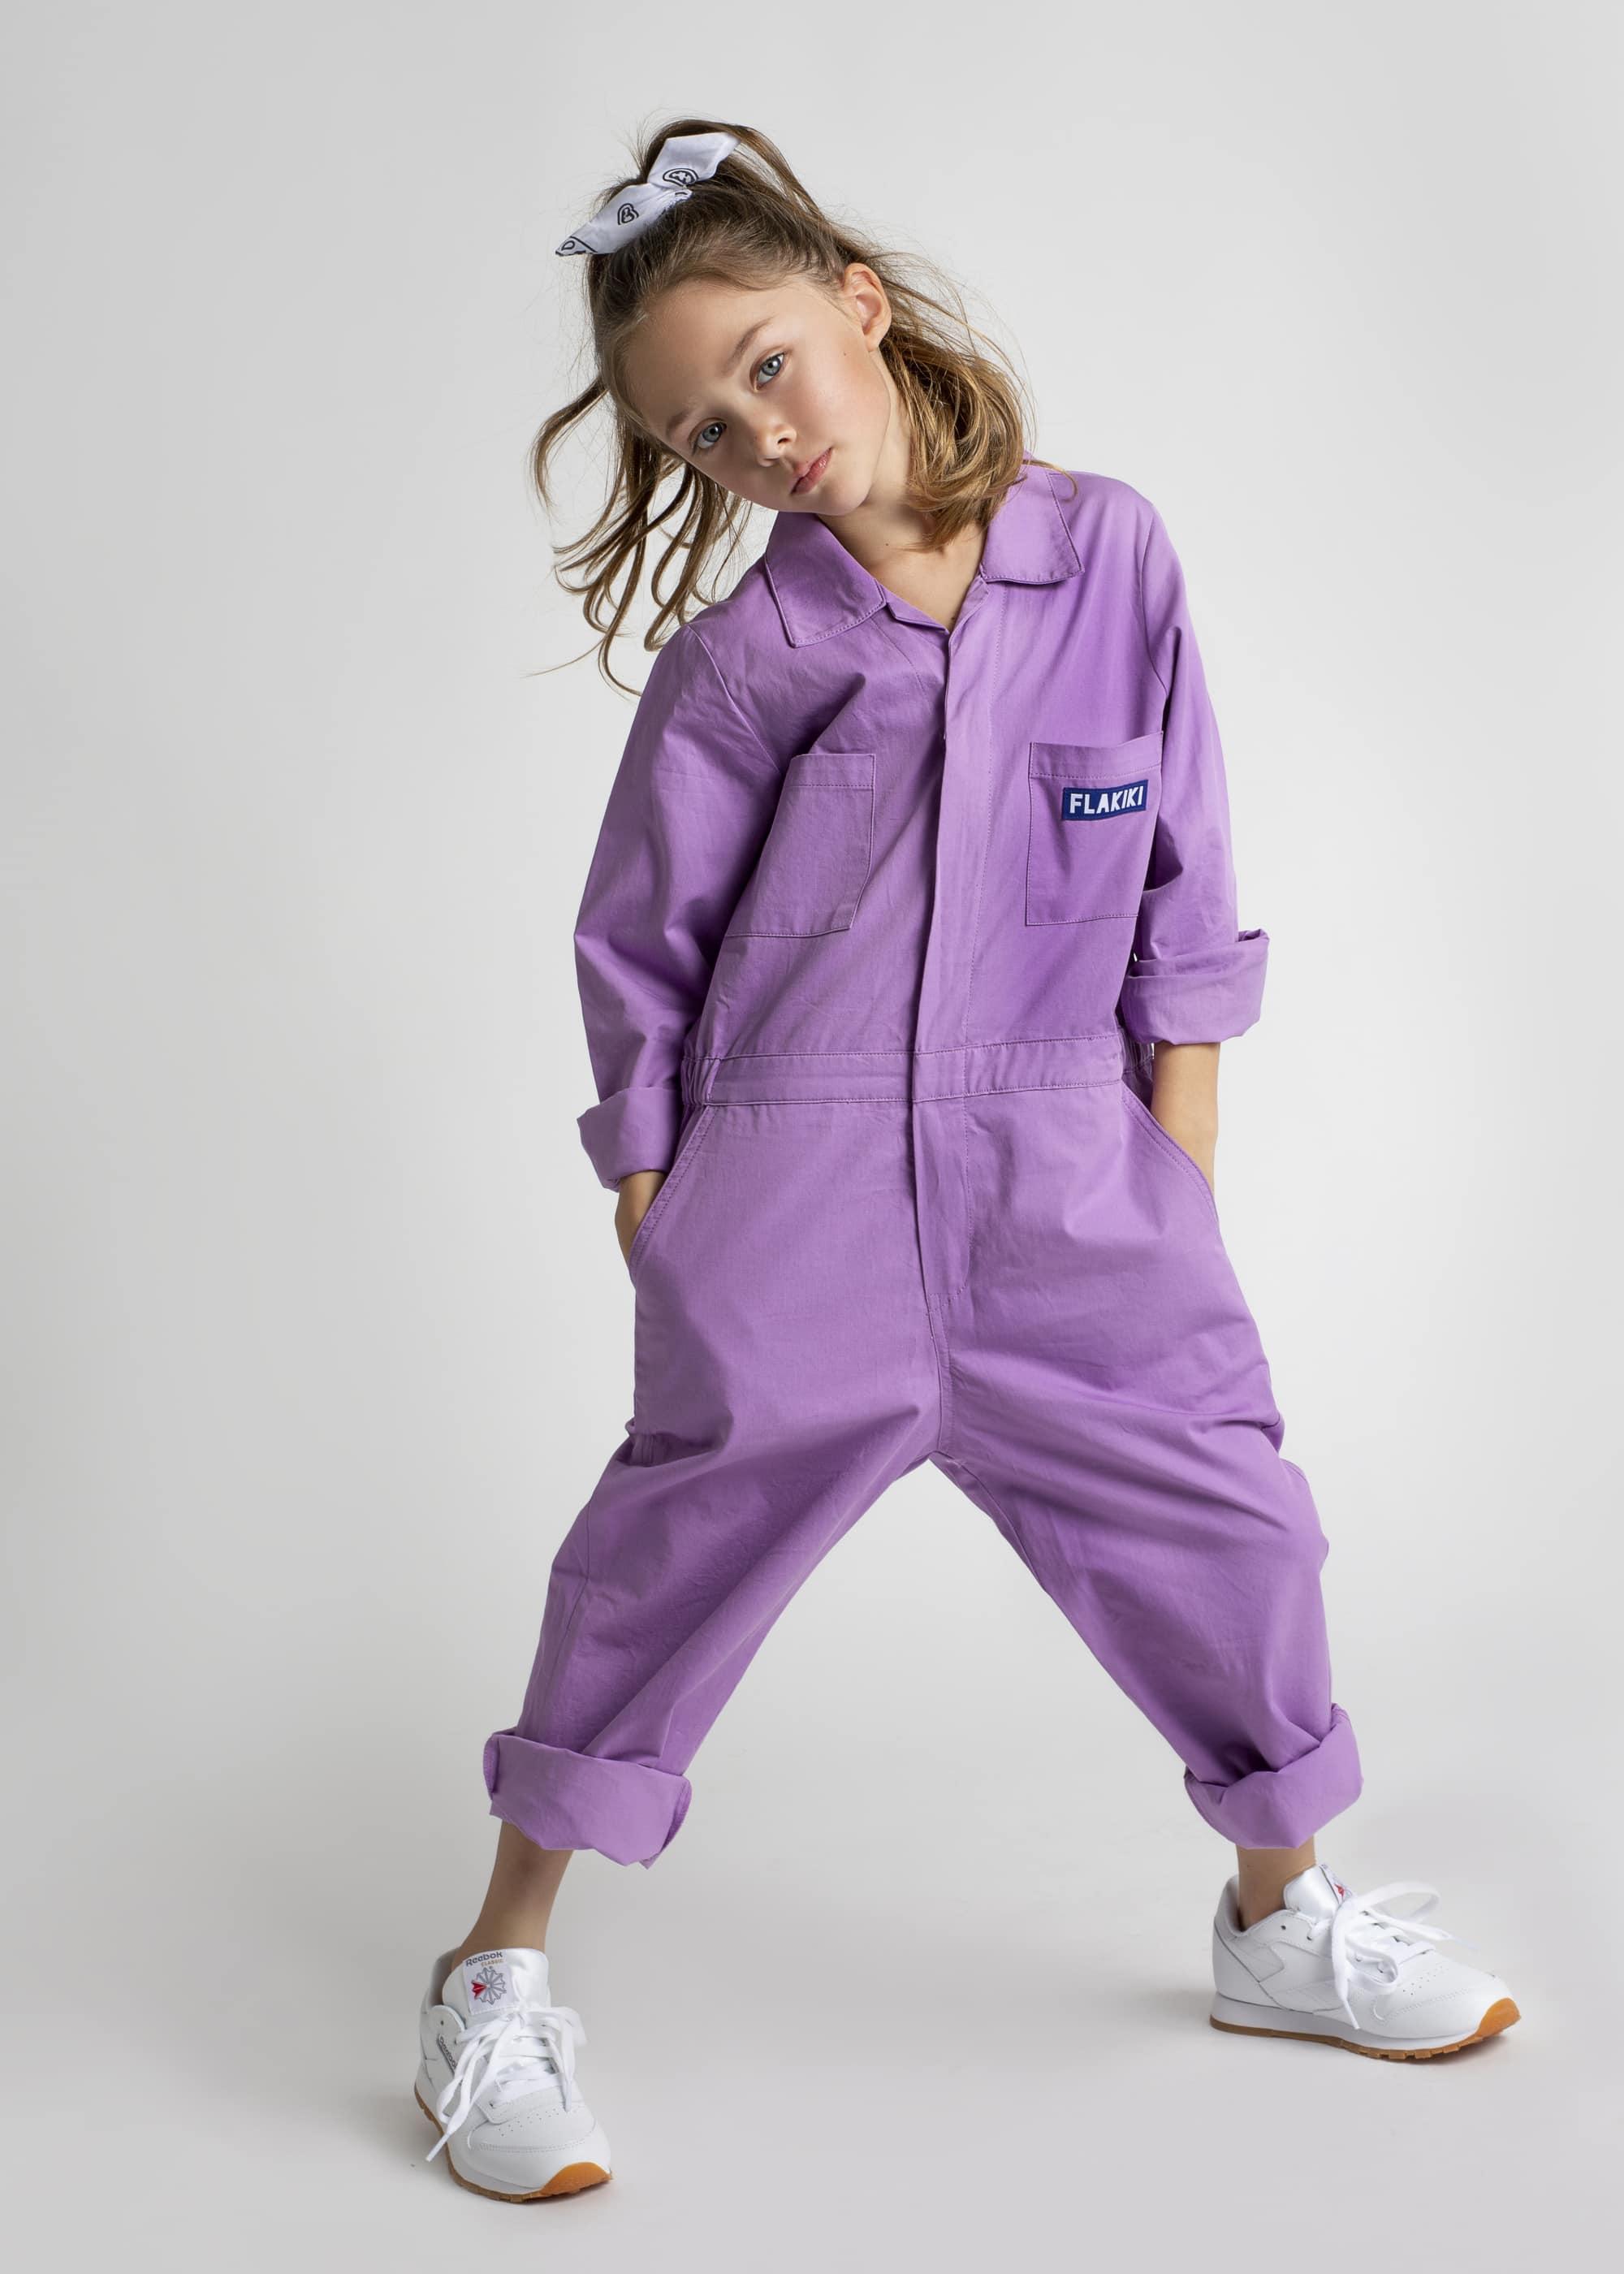 child model studio shot